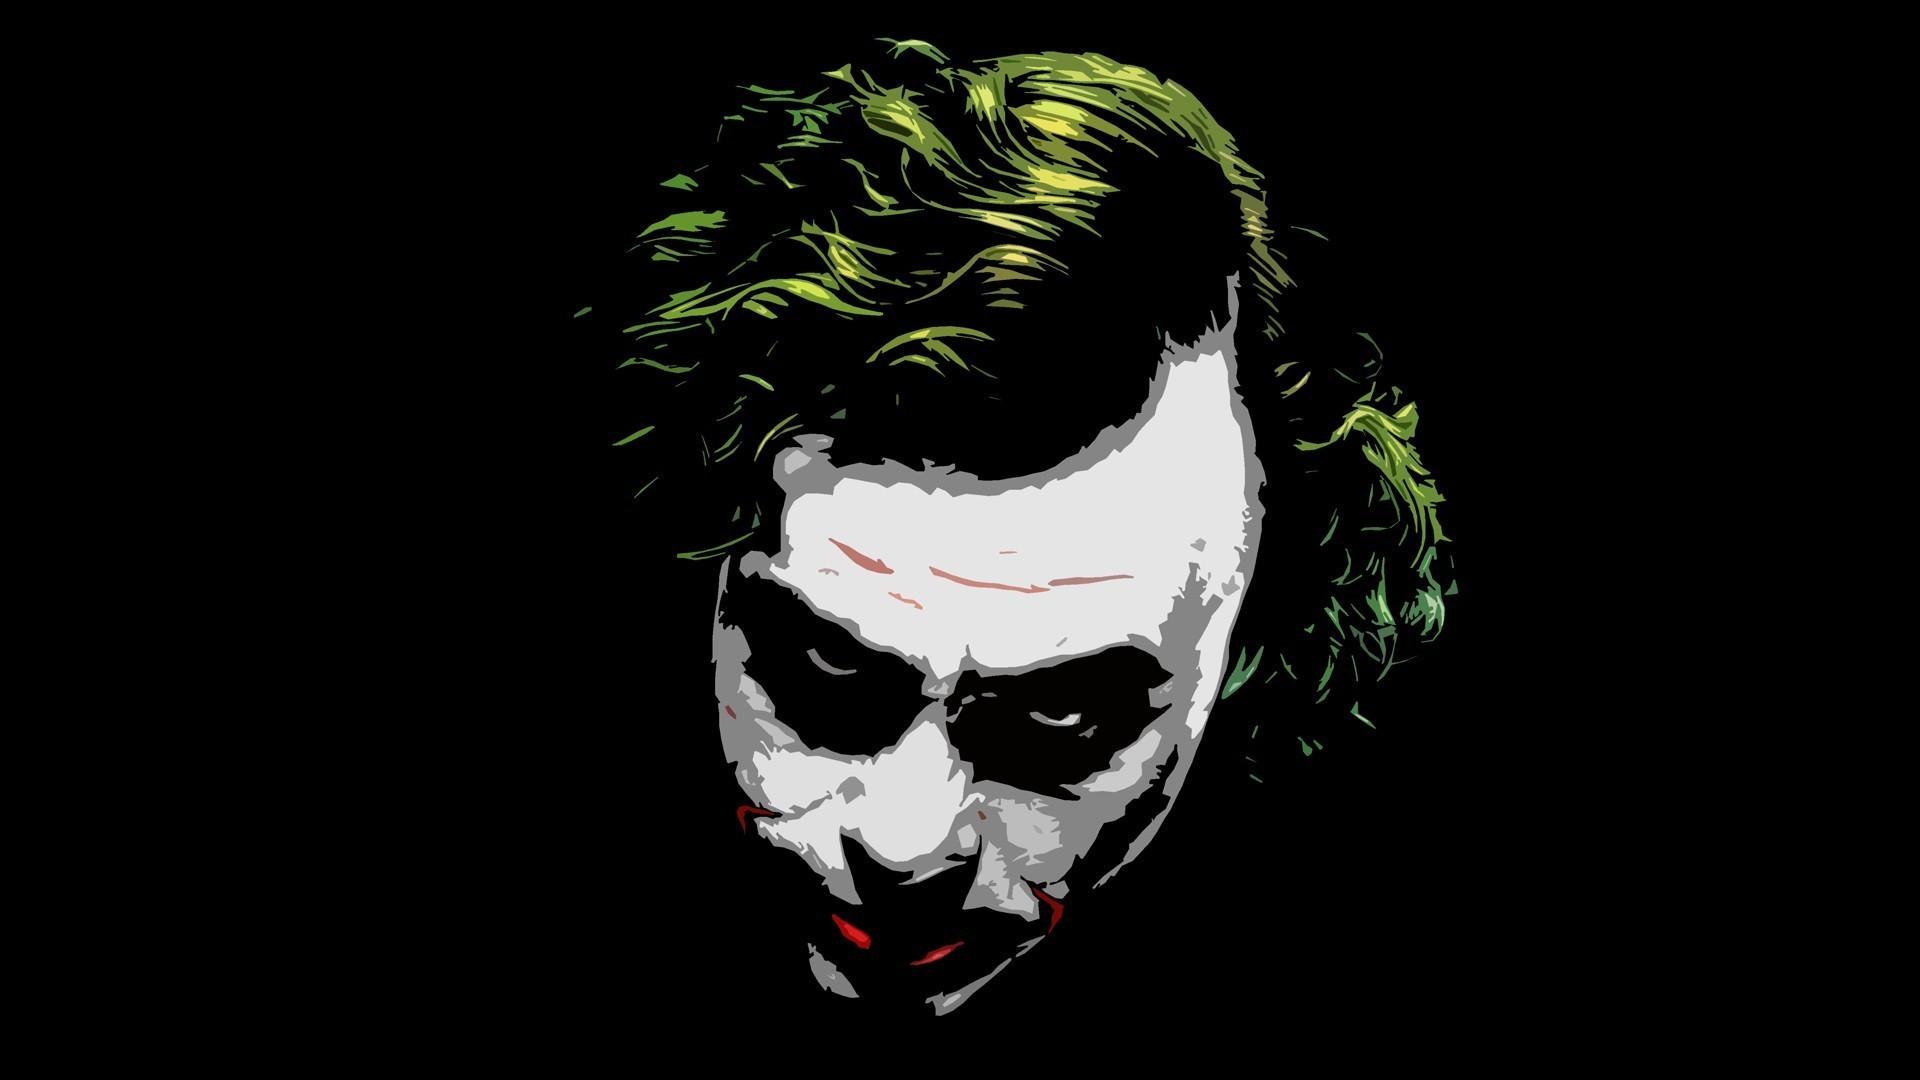 Dark knight joker wallpaper 73 images for Desktop joker